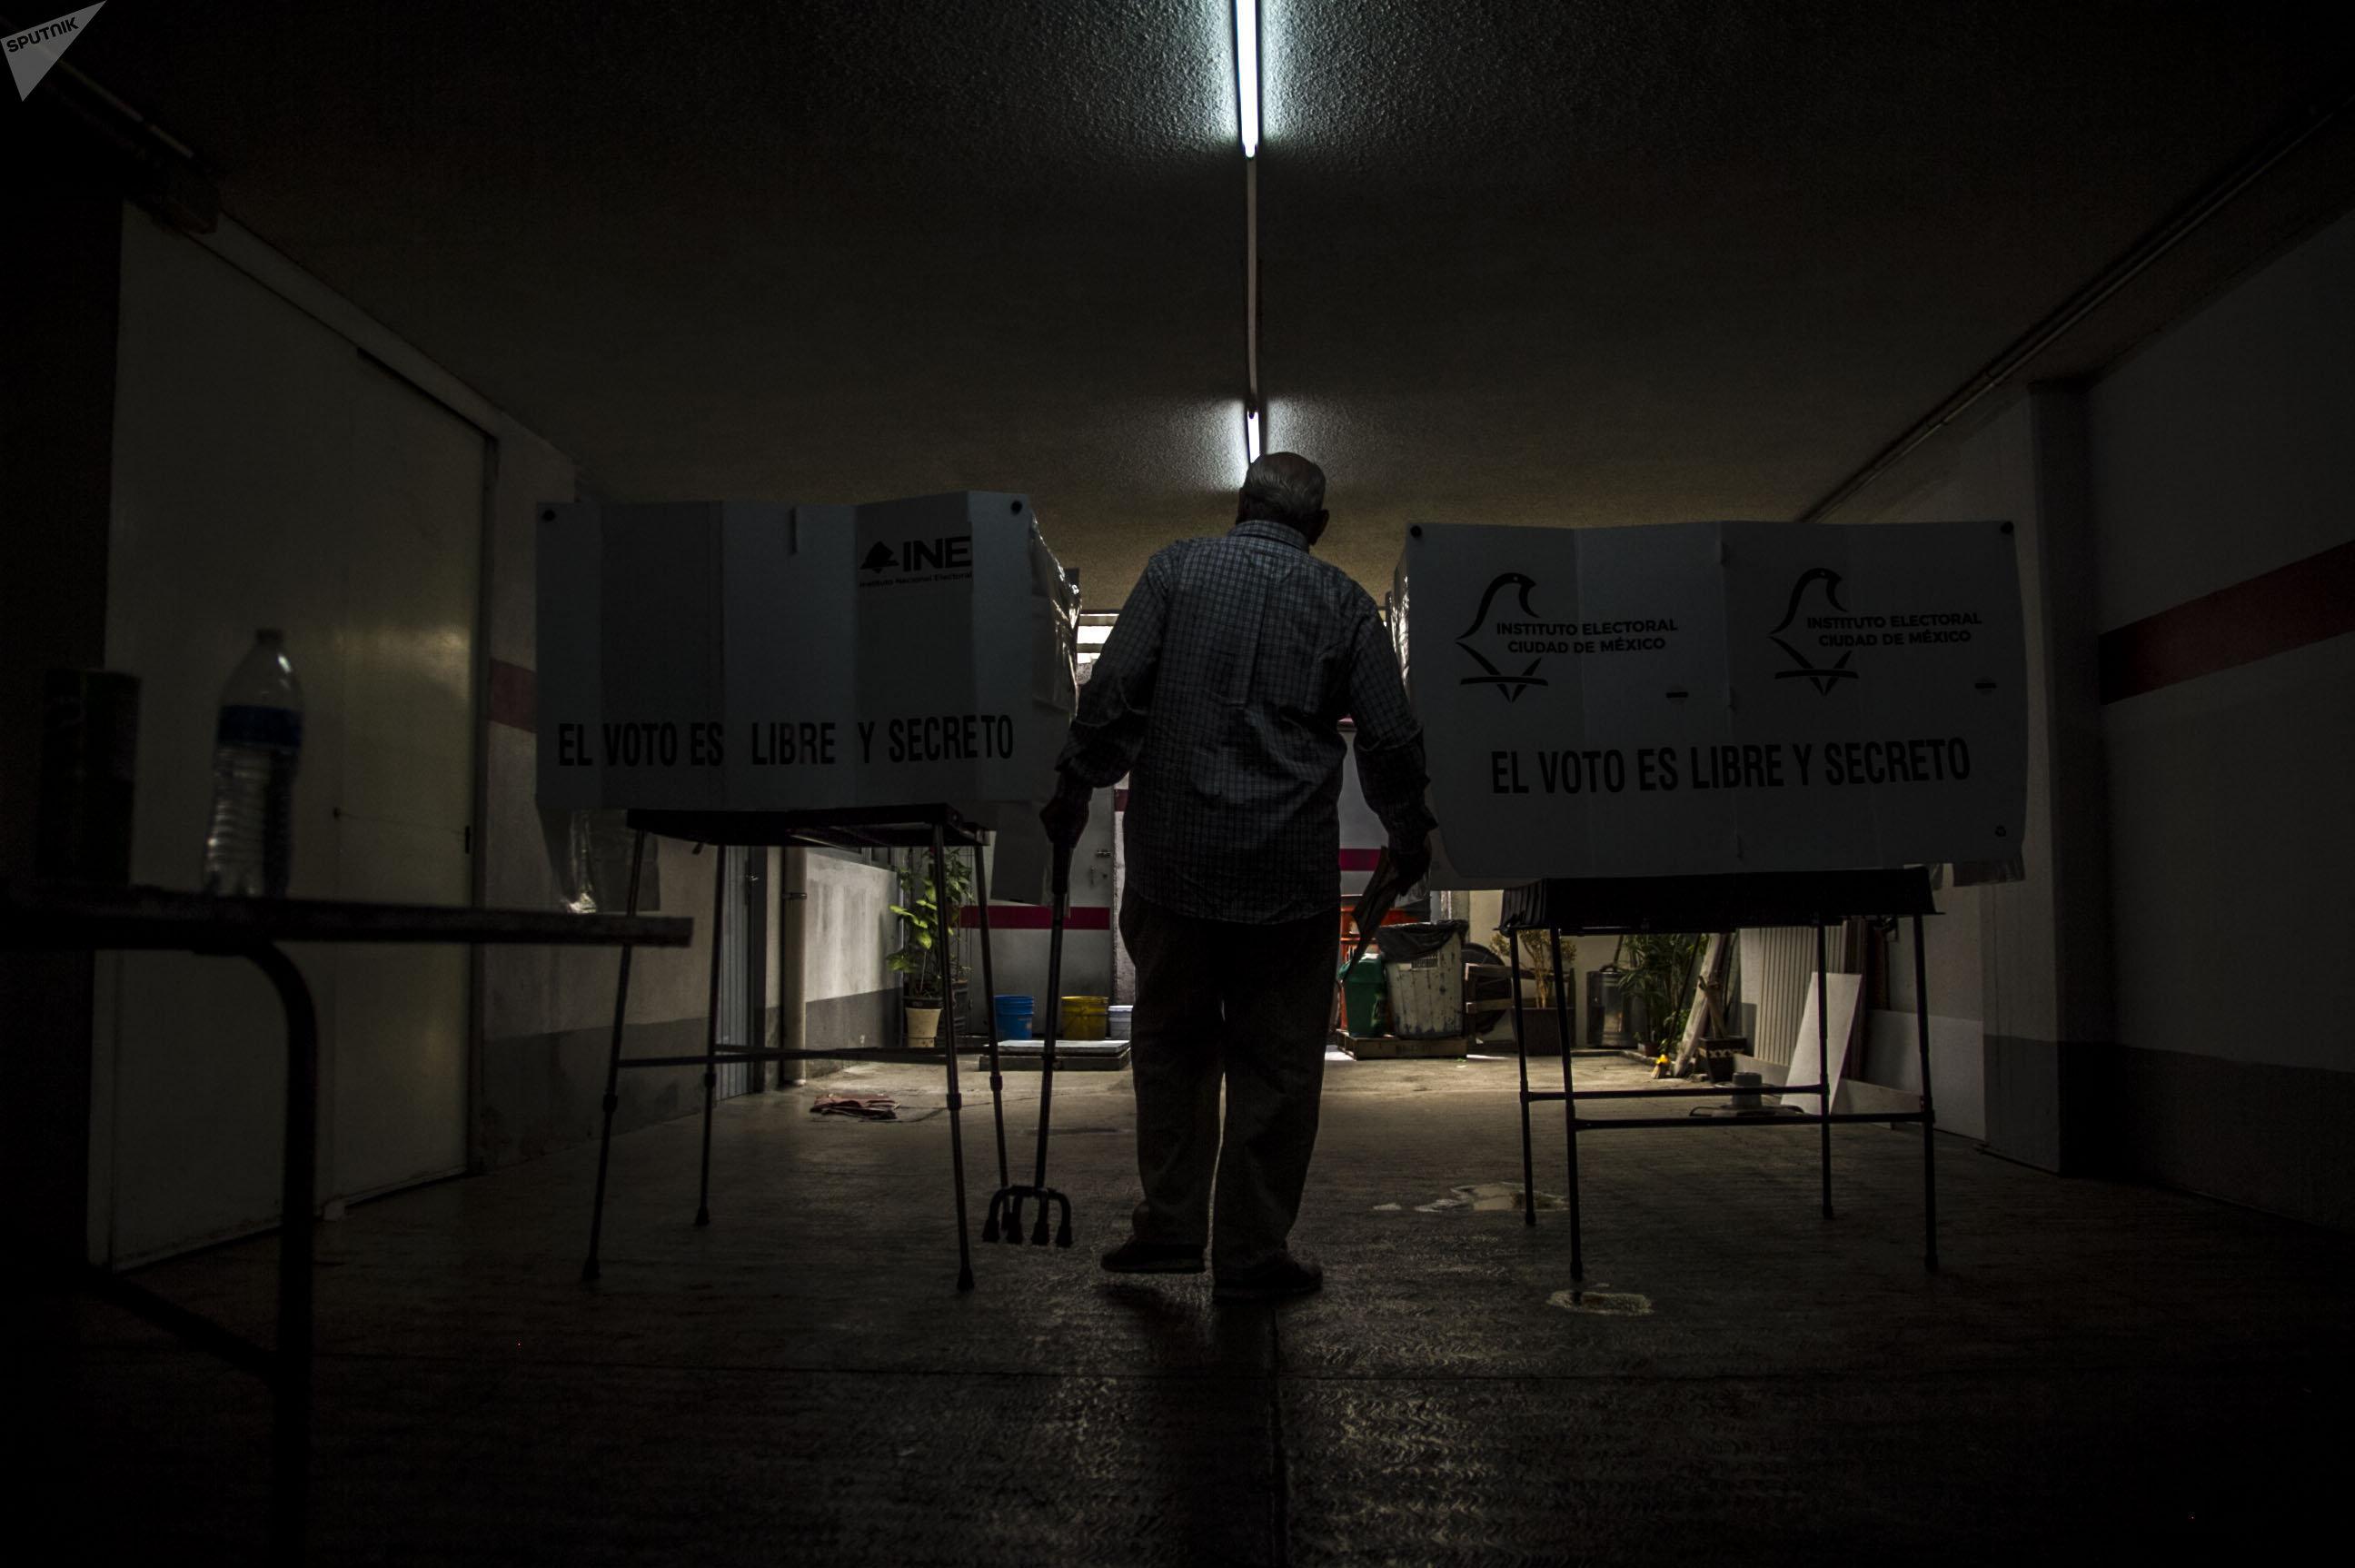 Escena de las elecciones presidenciales en México